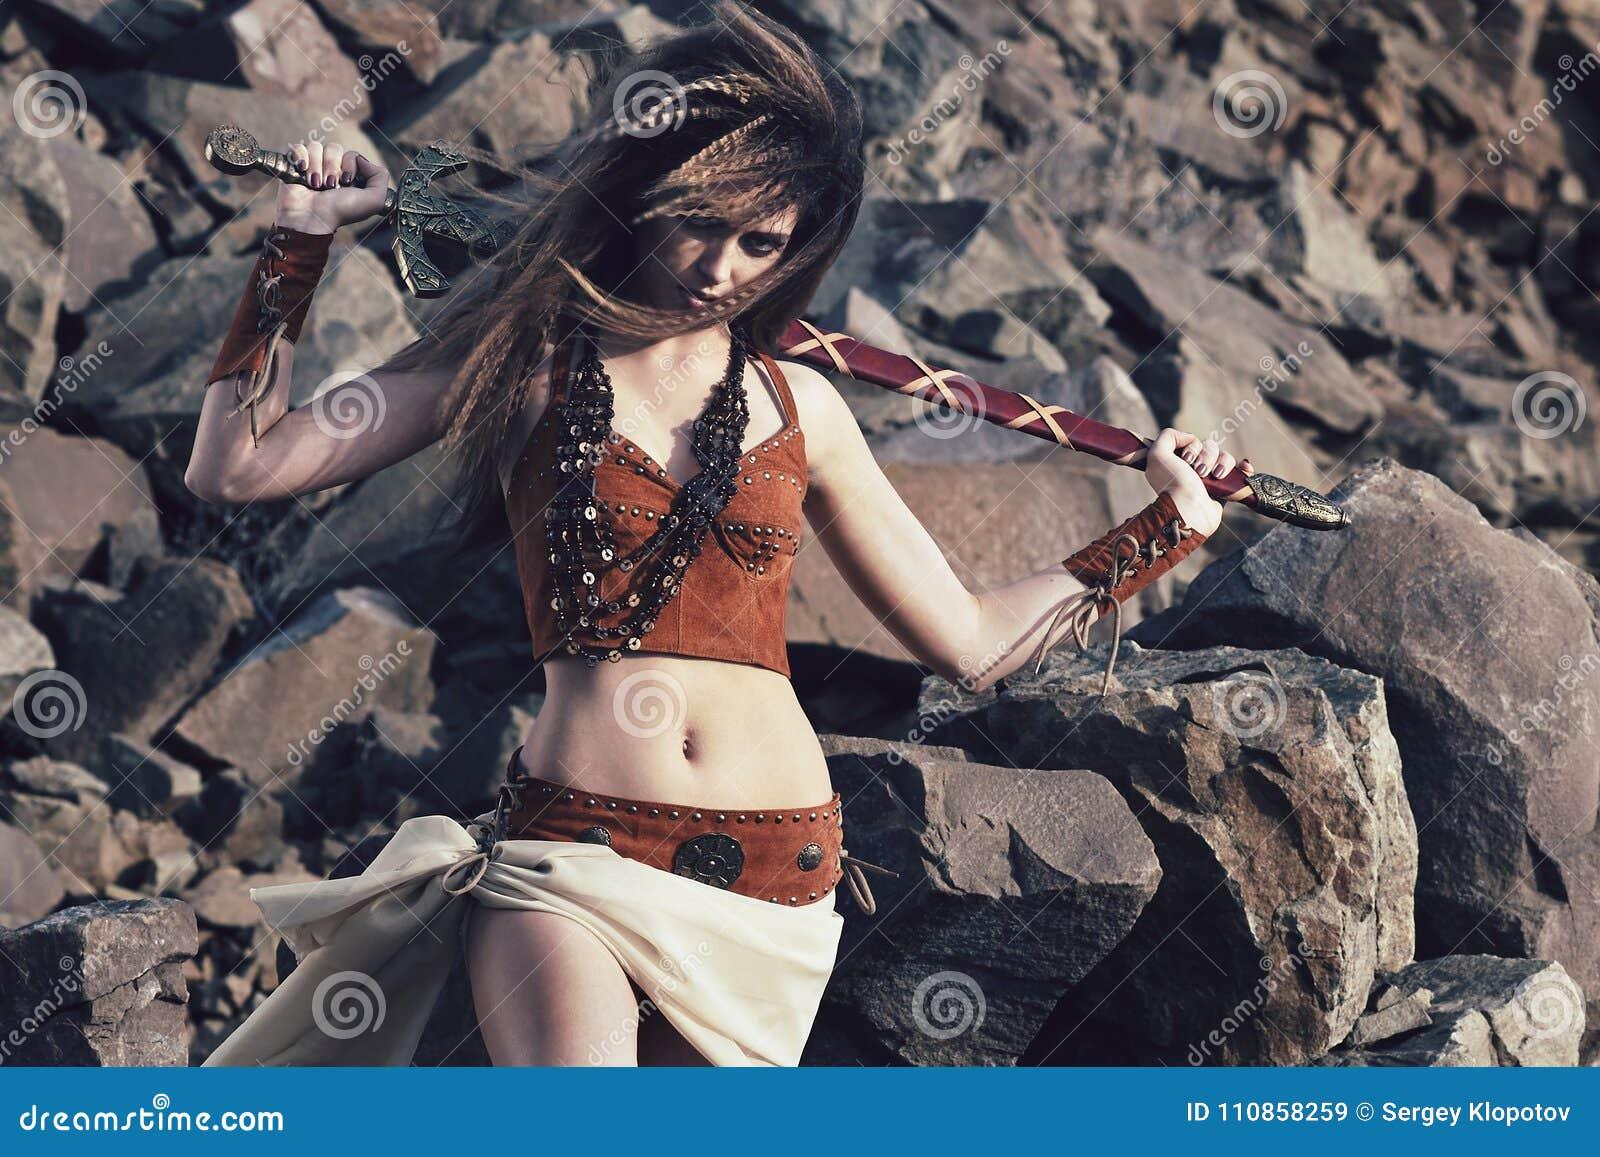 amazonki-i-vikingi-lesbiyanki